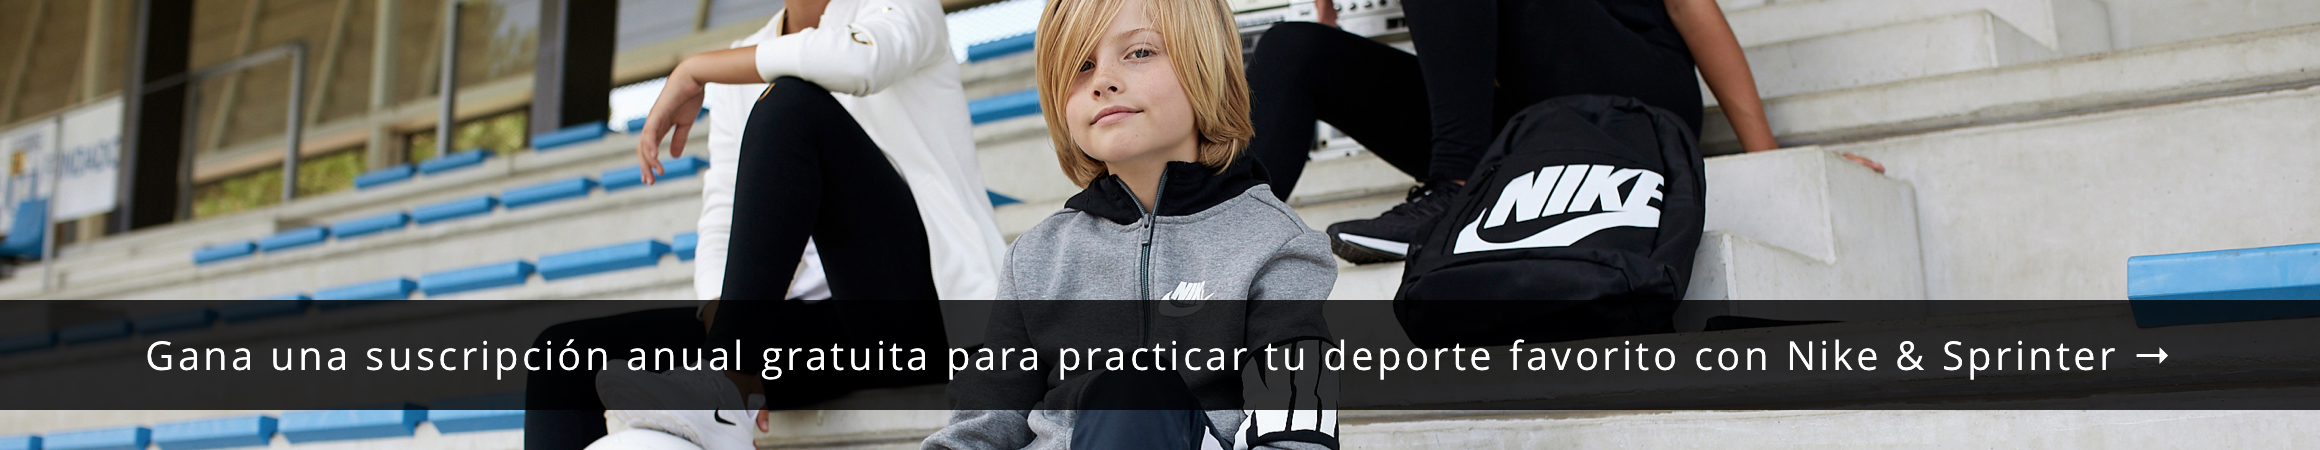 Gana una suscripción anual gratuita para practicar tu deporte favorito con Nike & Sprinter →